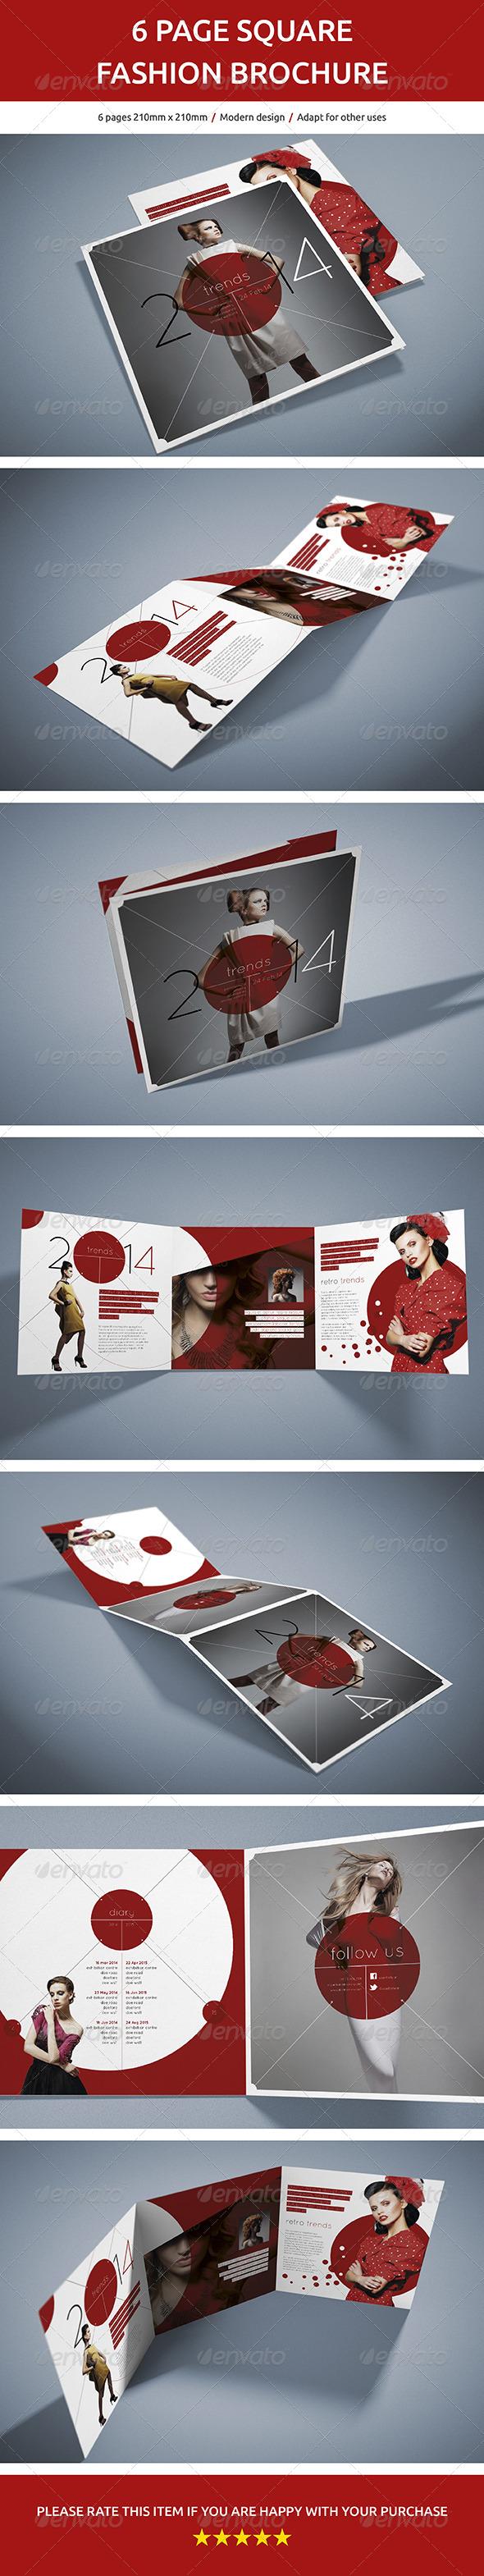 GraphicRiver 6 Page Square Fashion Brochure 6871447